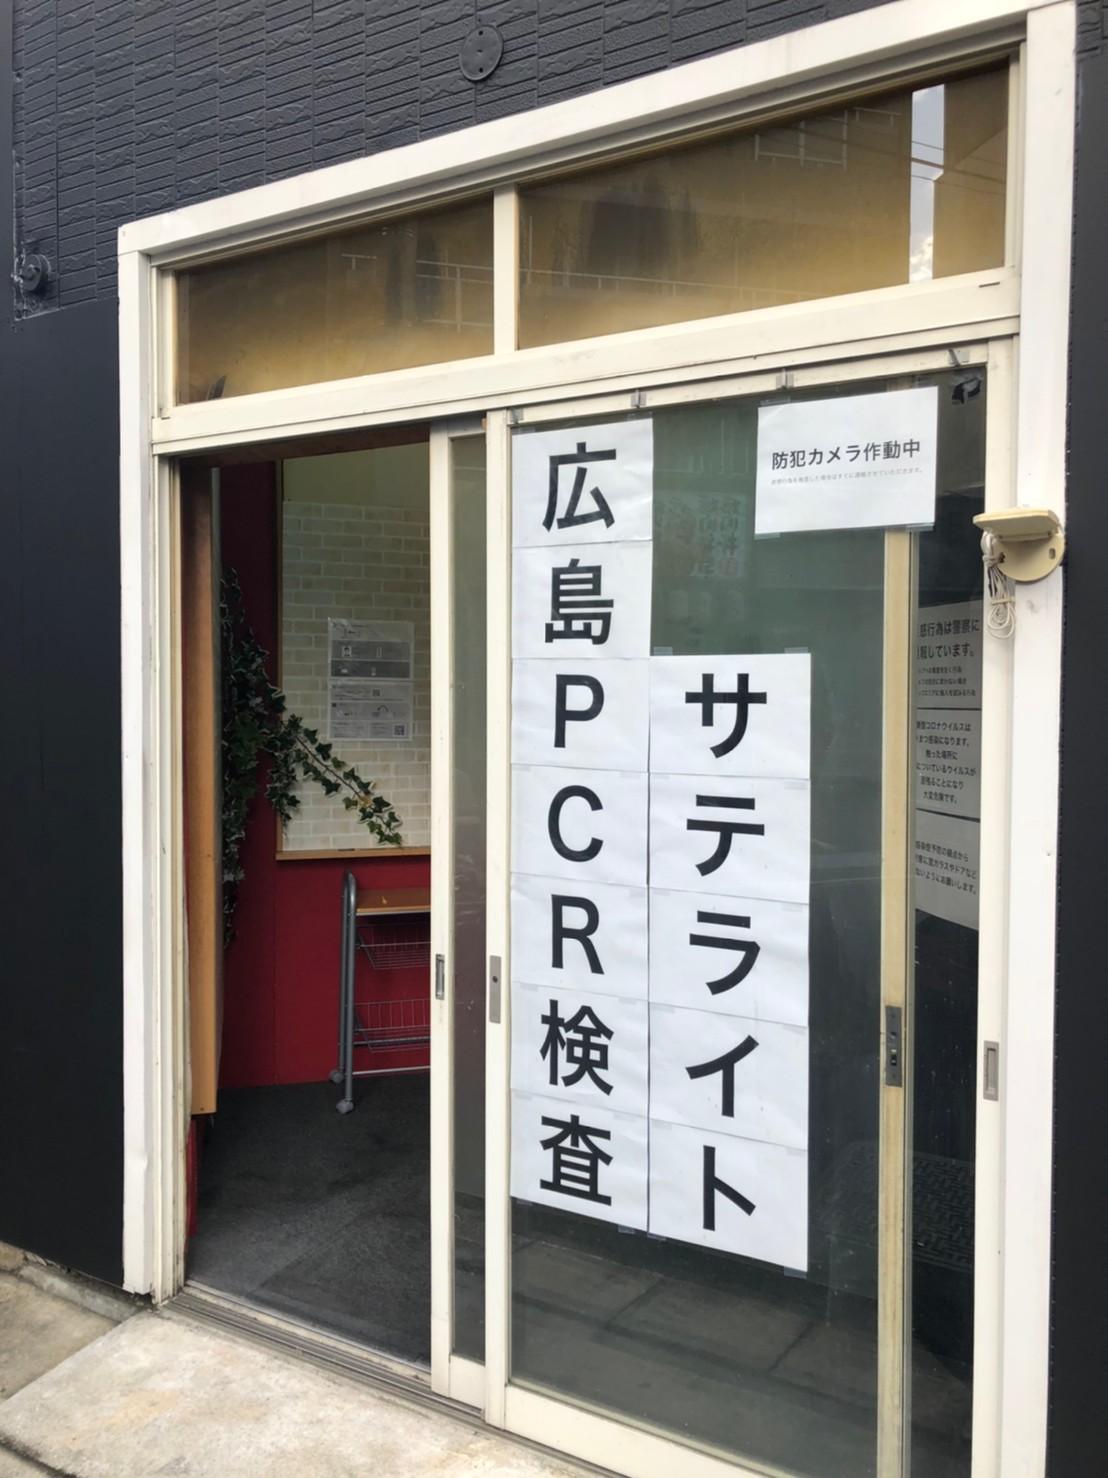 どこ 学校 広島 市立 コロナ